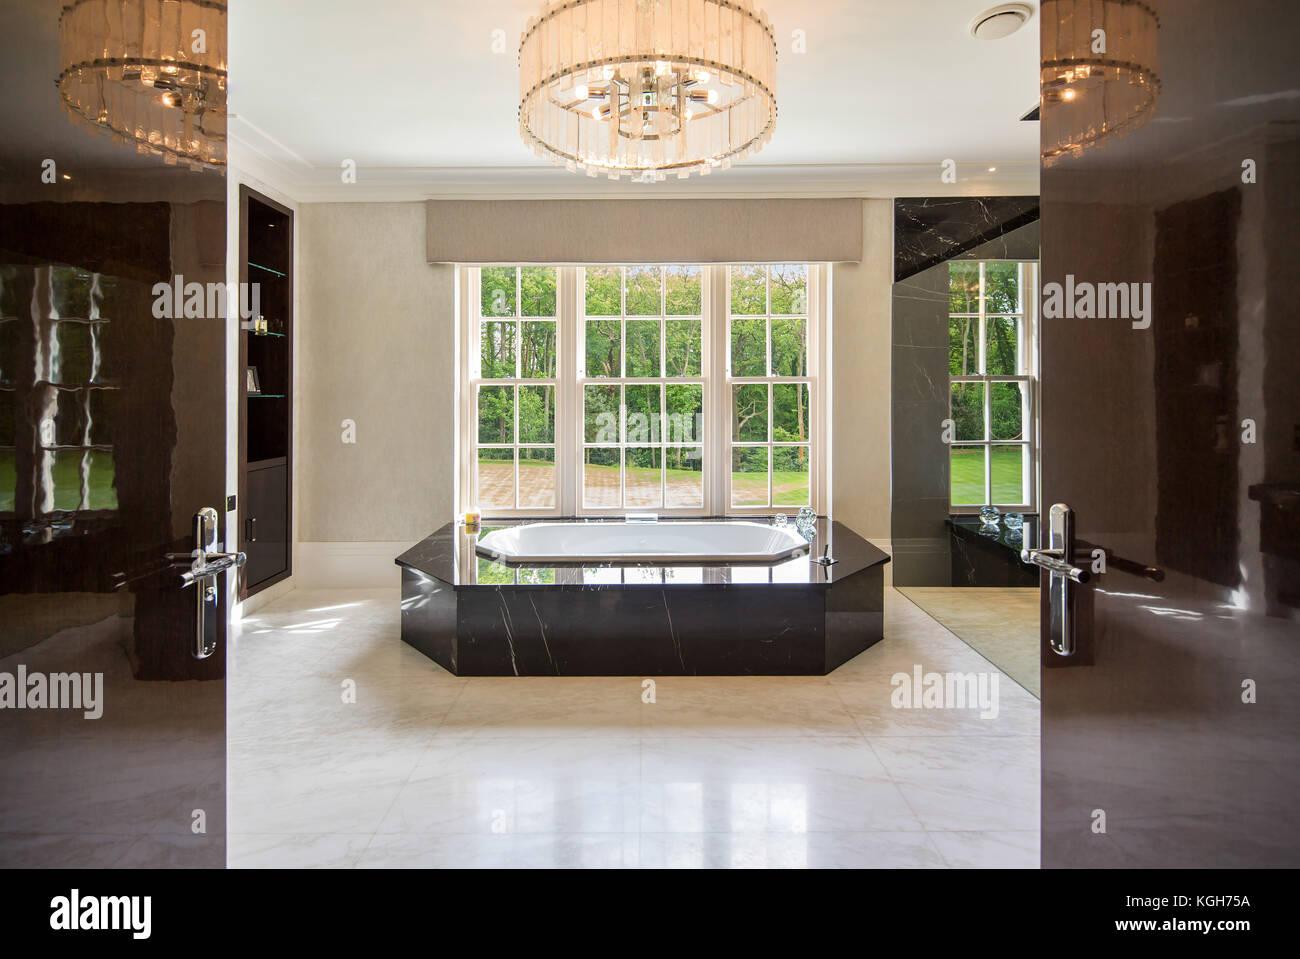 Sala Da Bagno Lusso : Grand double porte che conducono alla stanza da bagno di lusso con